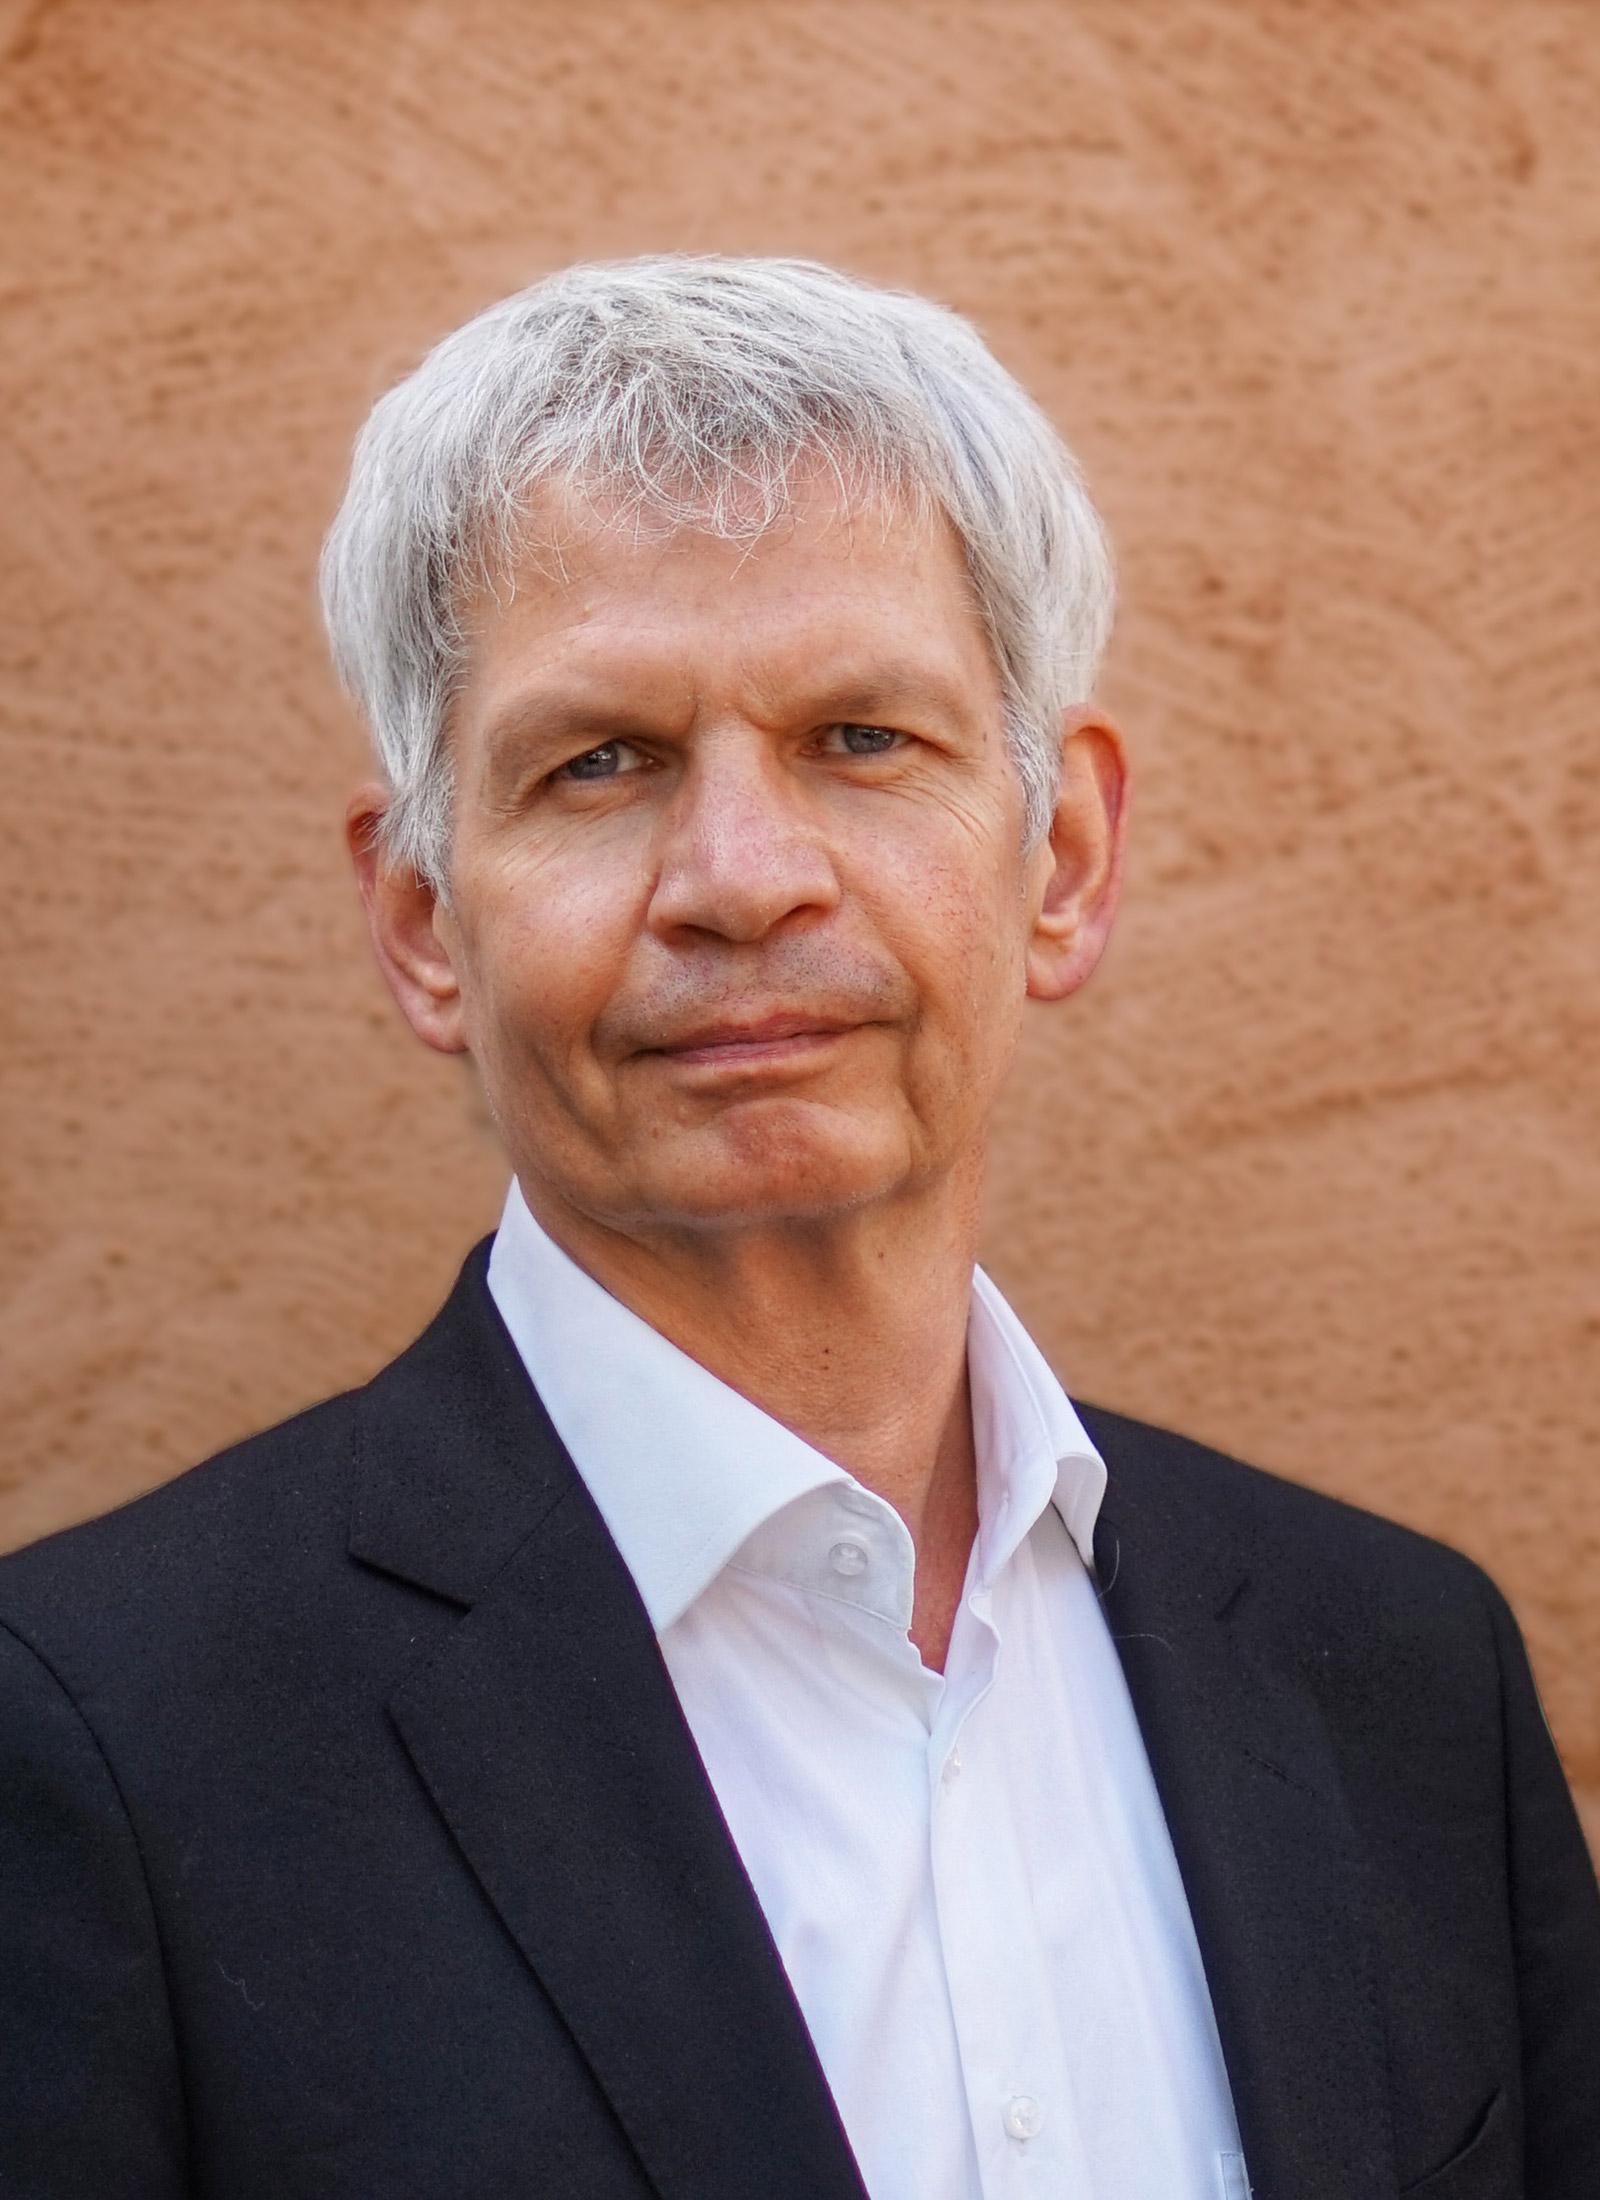 Dipl.-Ing. (FH) Arch. Ulrich Röhlen